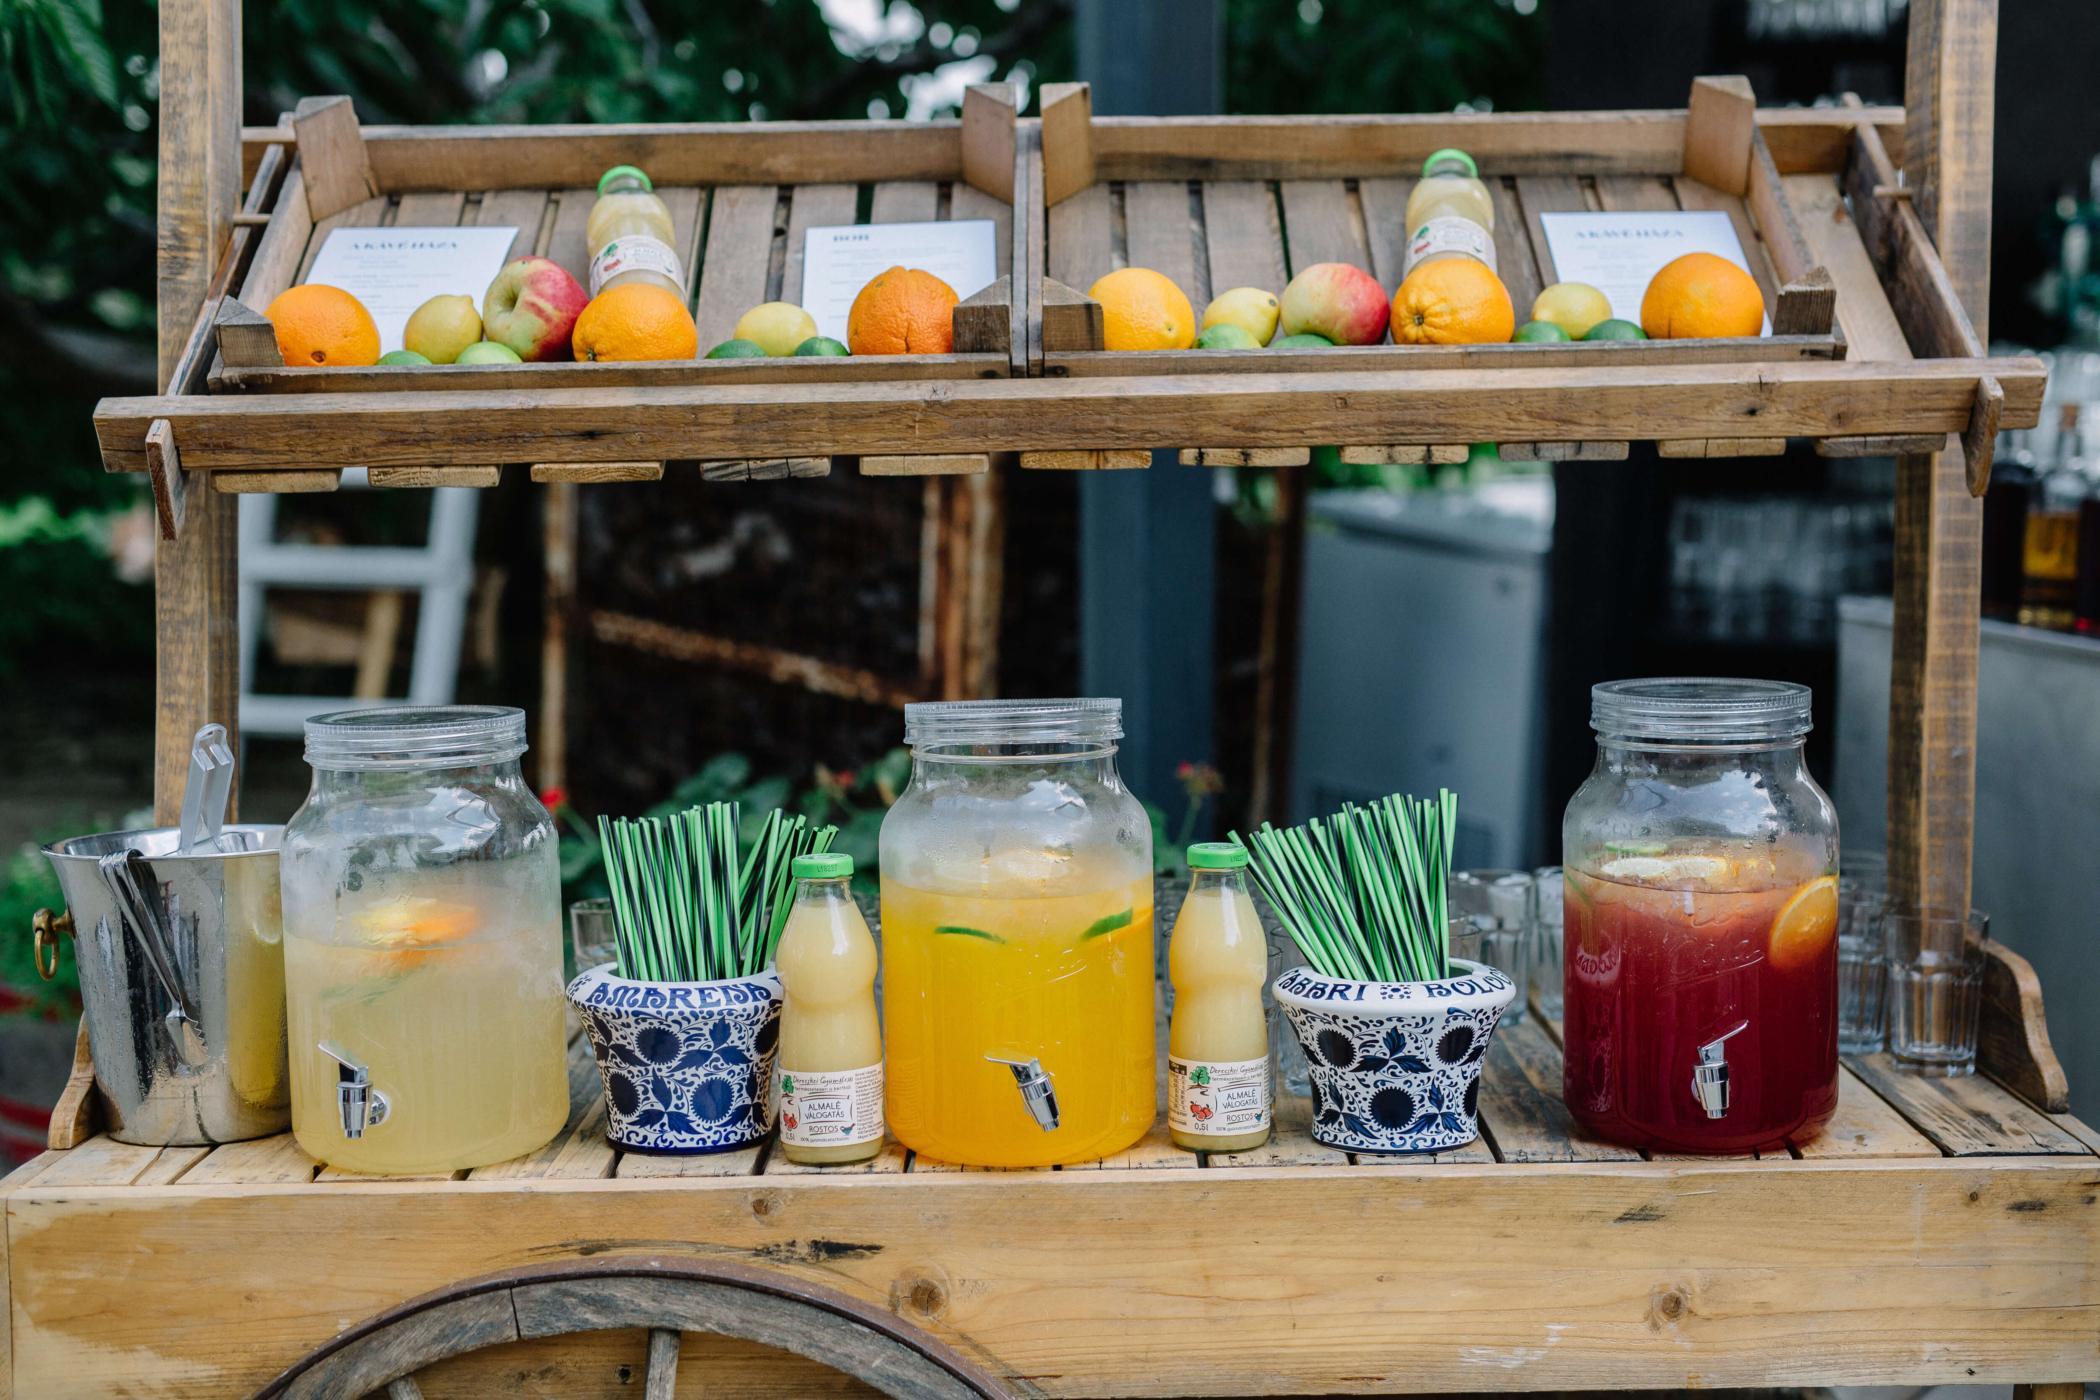 Országos koktélszerviz, mobil koktélbár, koktél mixer, IZ esküvő limonádé bár